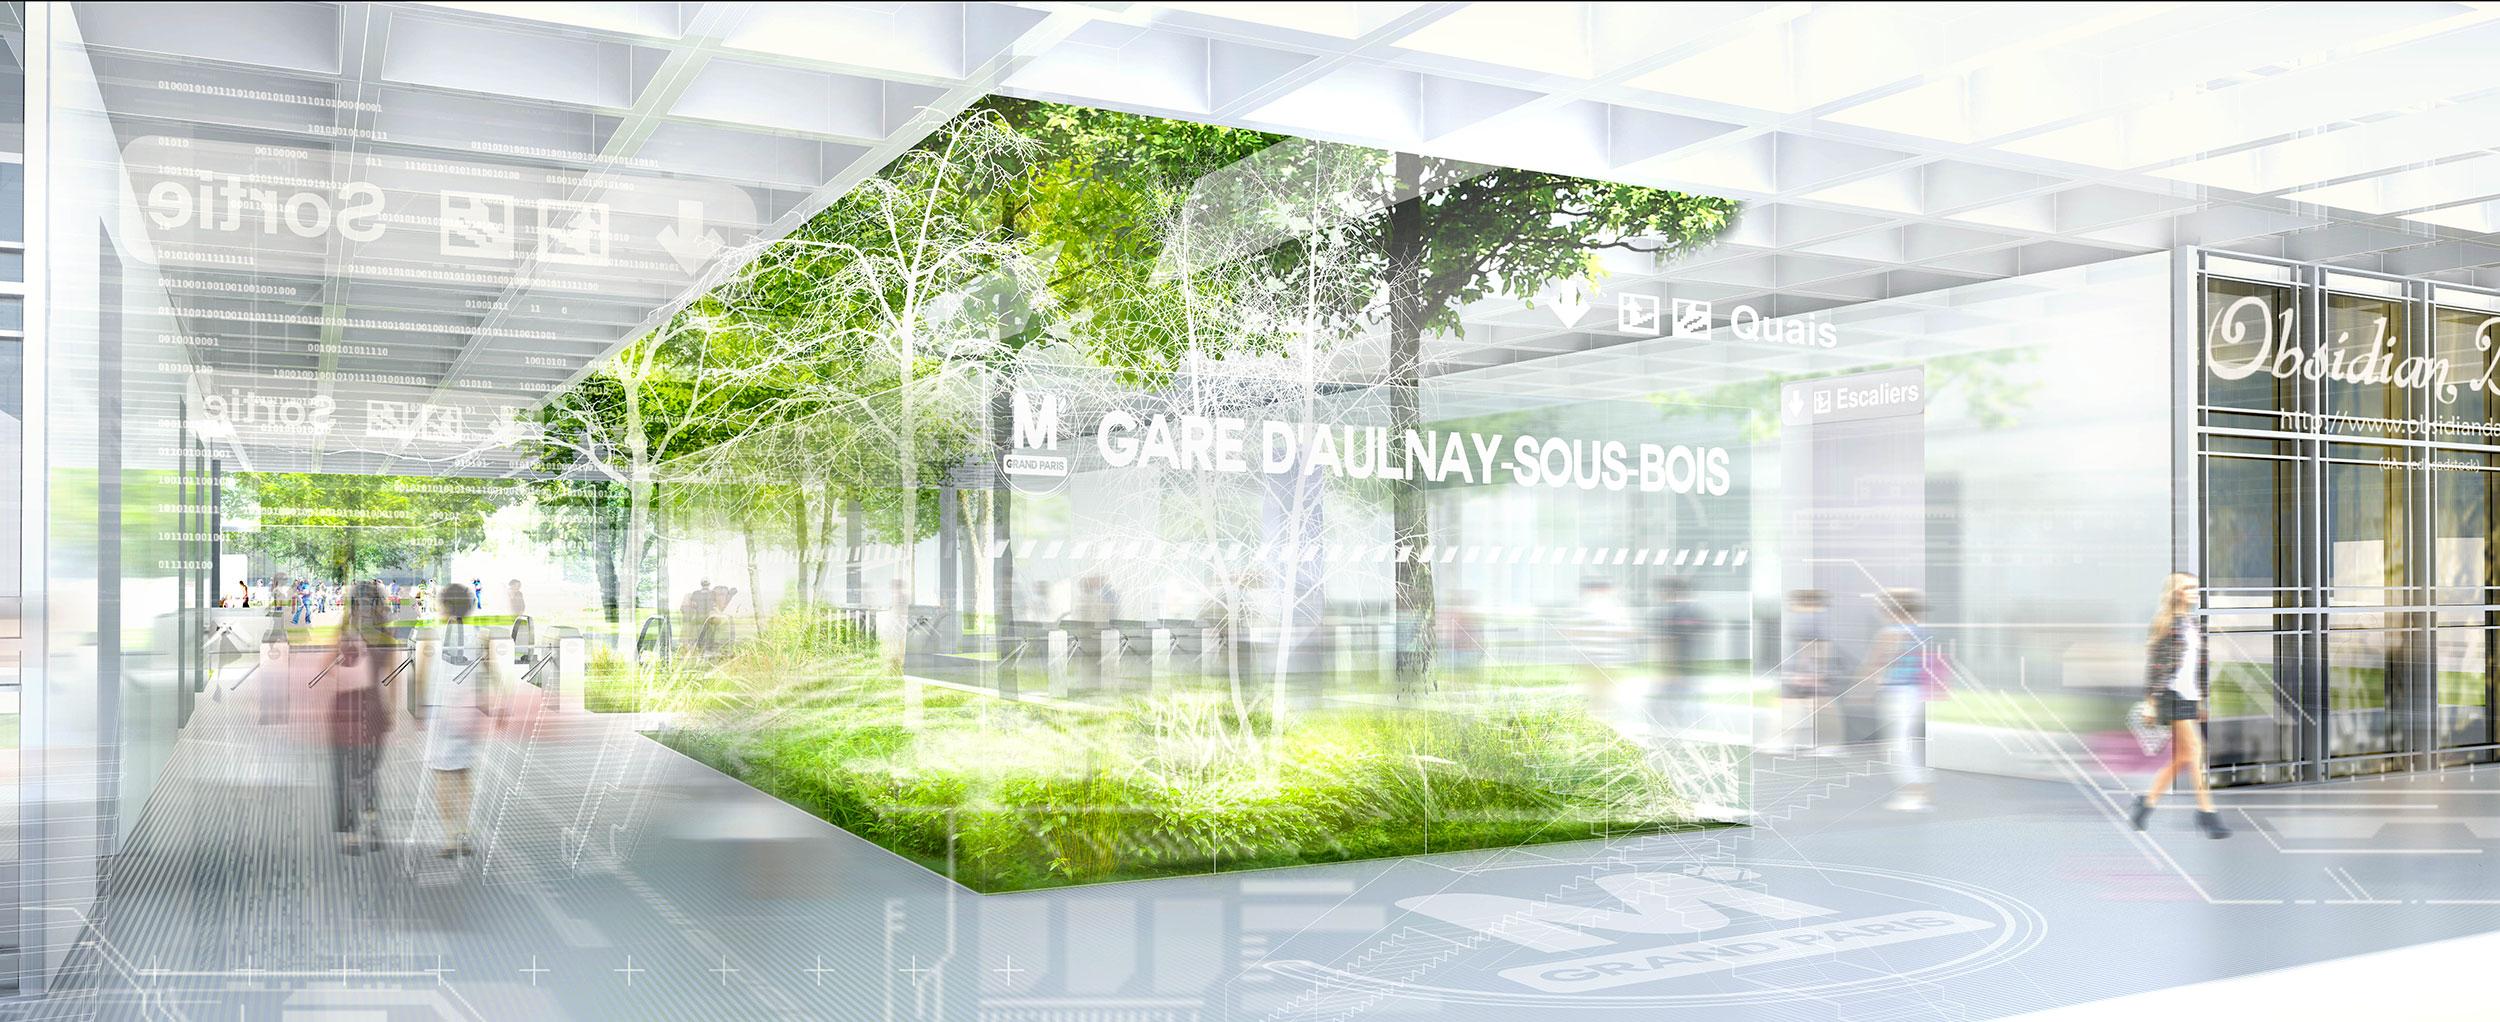 INTERSENS - BECKMANN & NTHEPEE et EGIS-RAIL - Concours du Grand-Paris - Gare-d'Aulnay